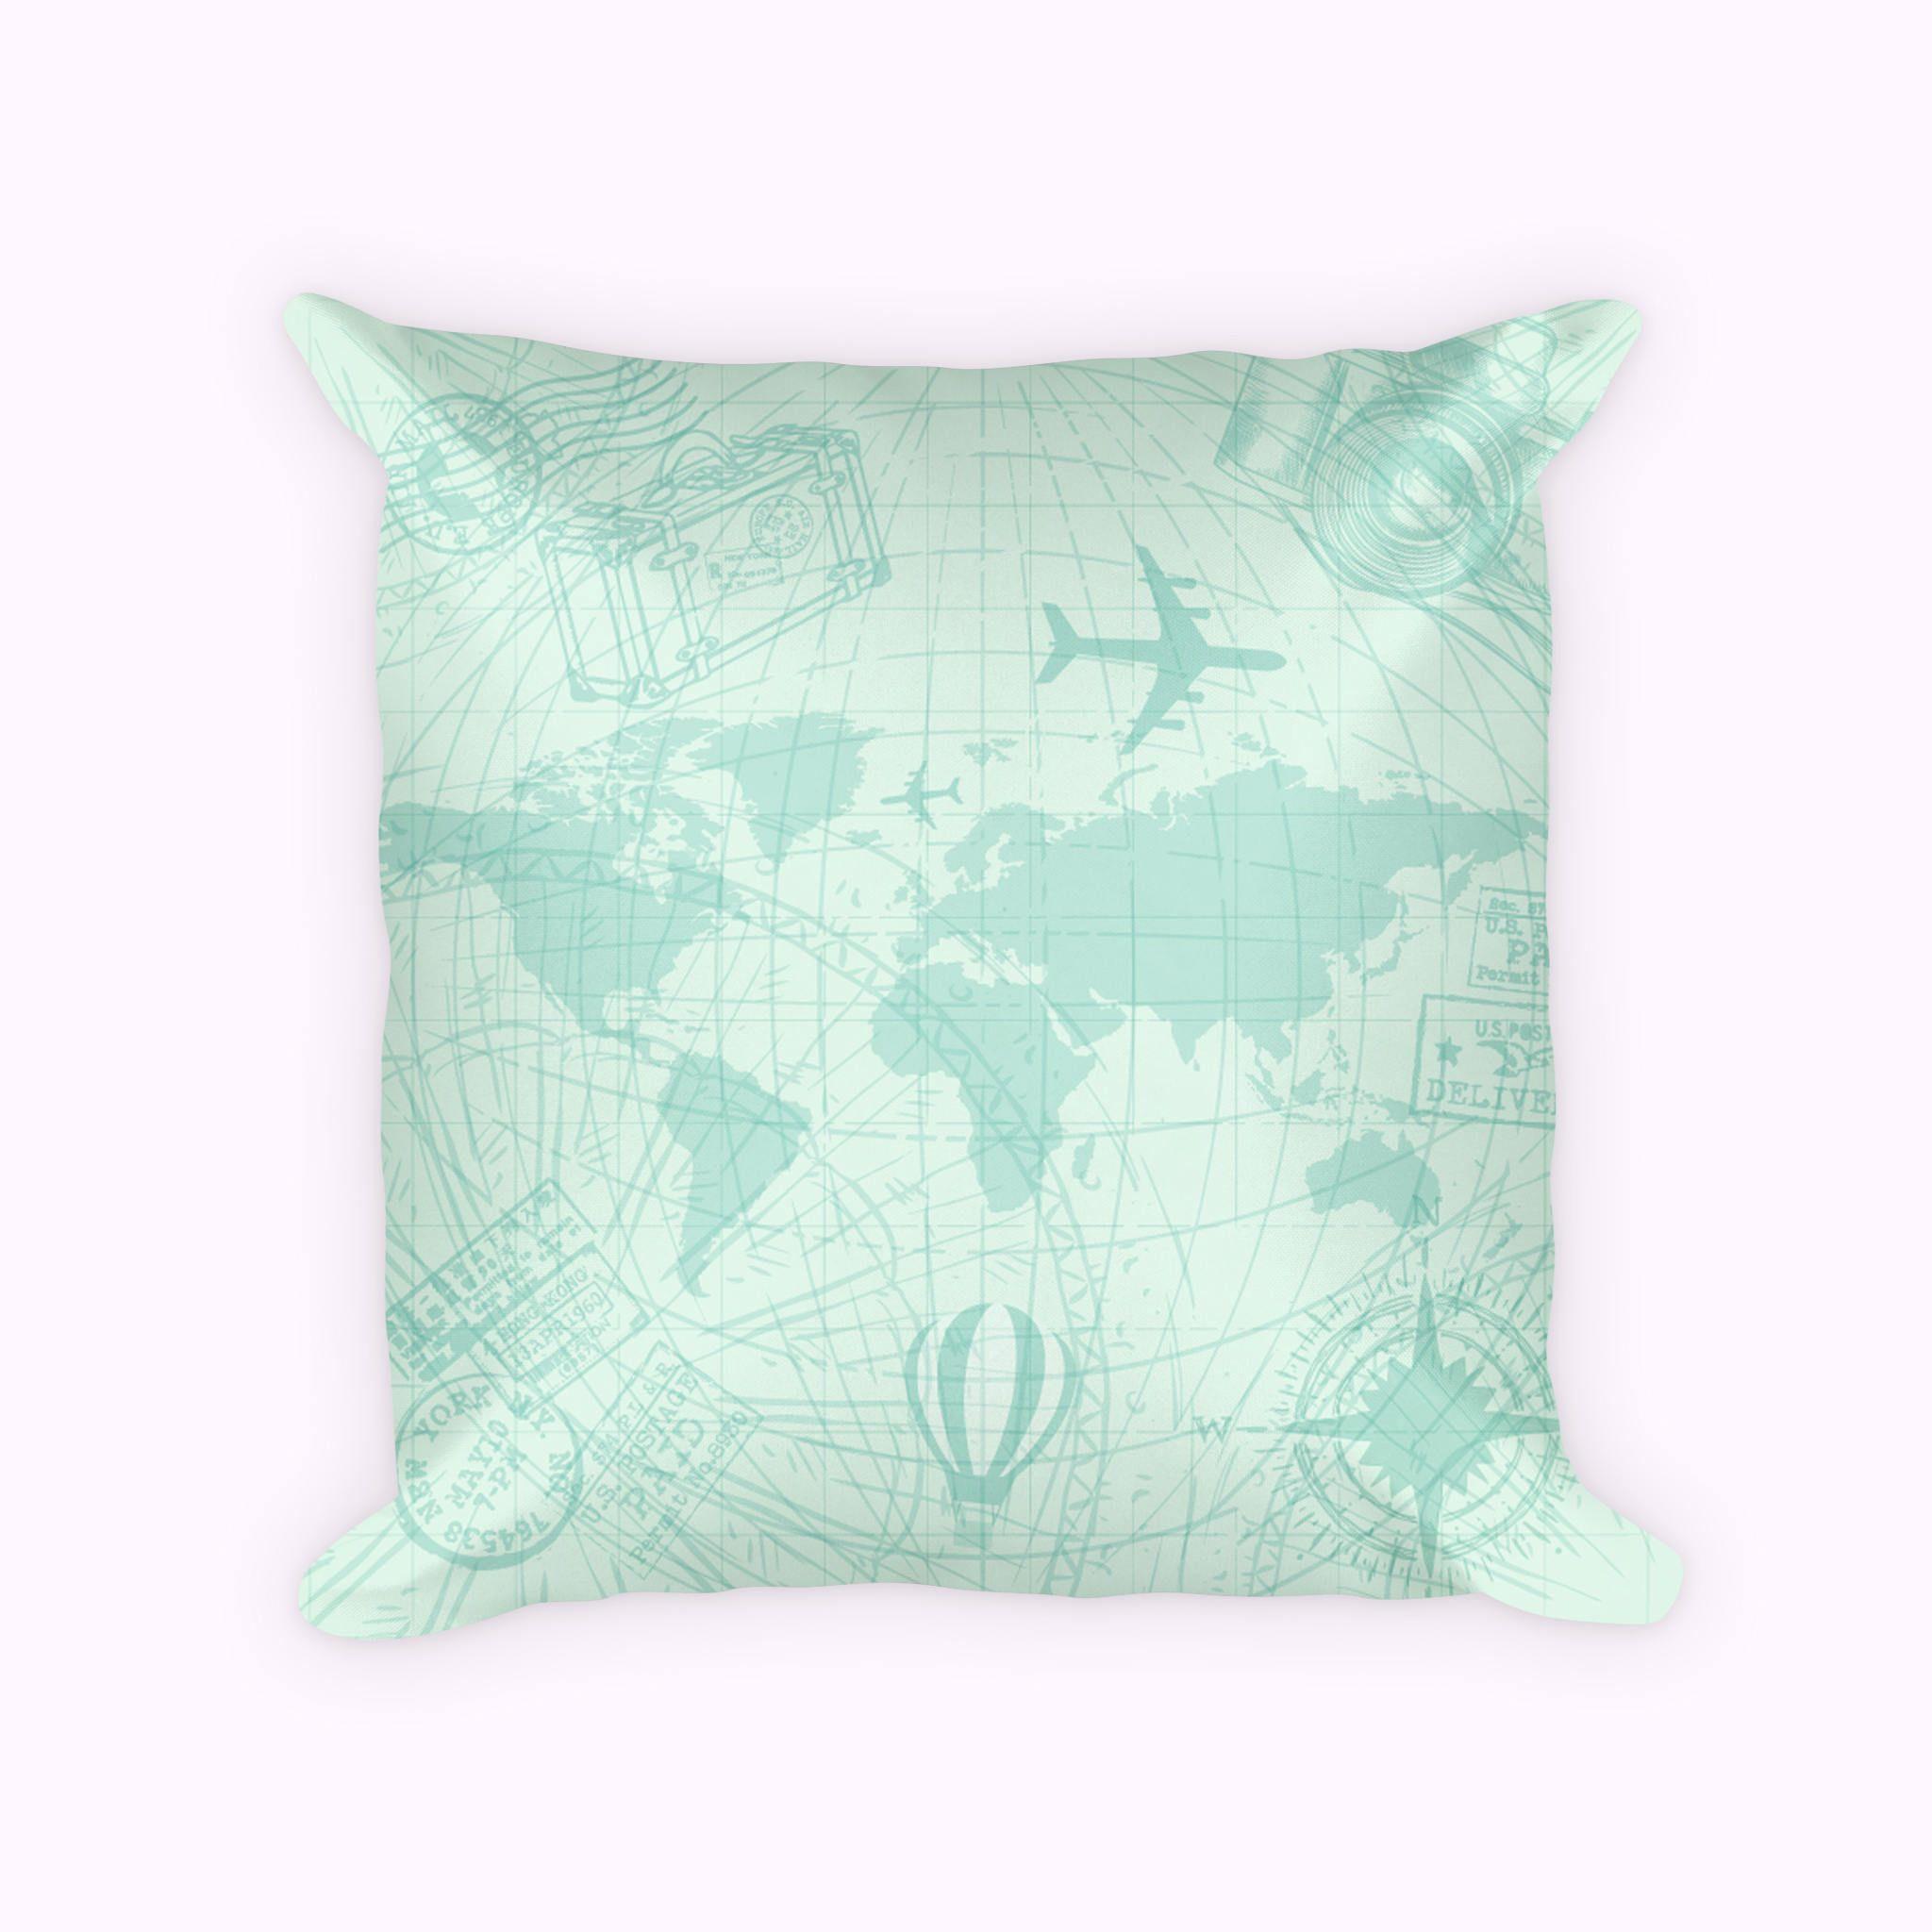 World map pillow cover traveler throw pillow adventurous pillow world map pillow cover traveler throw pillow adventurous pillow aeronautical decor pilot gumiabroncs Choice Image